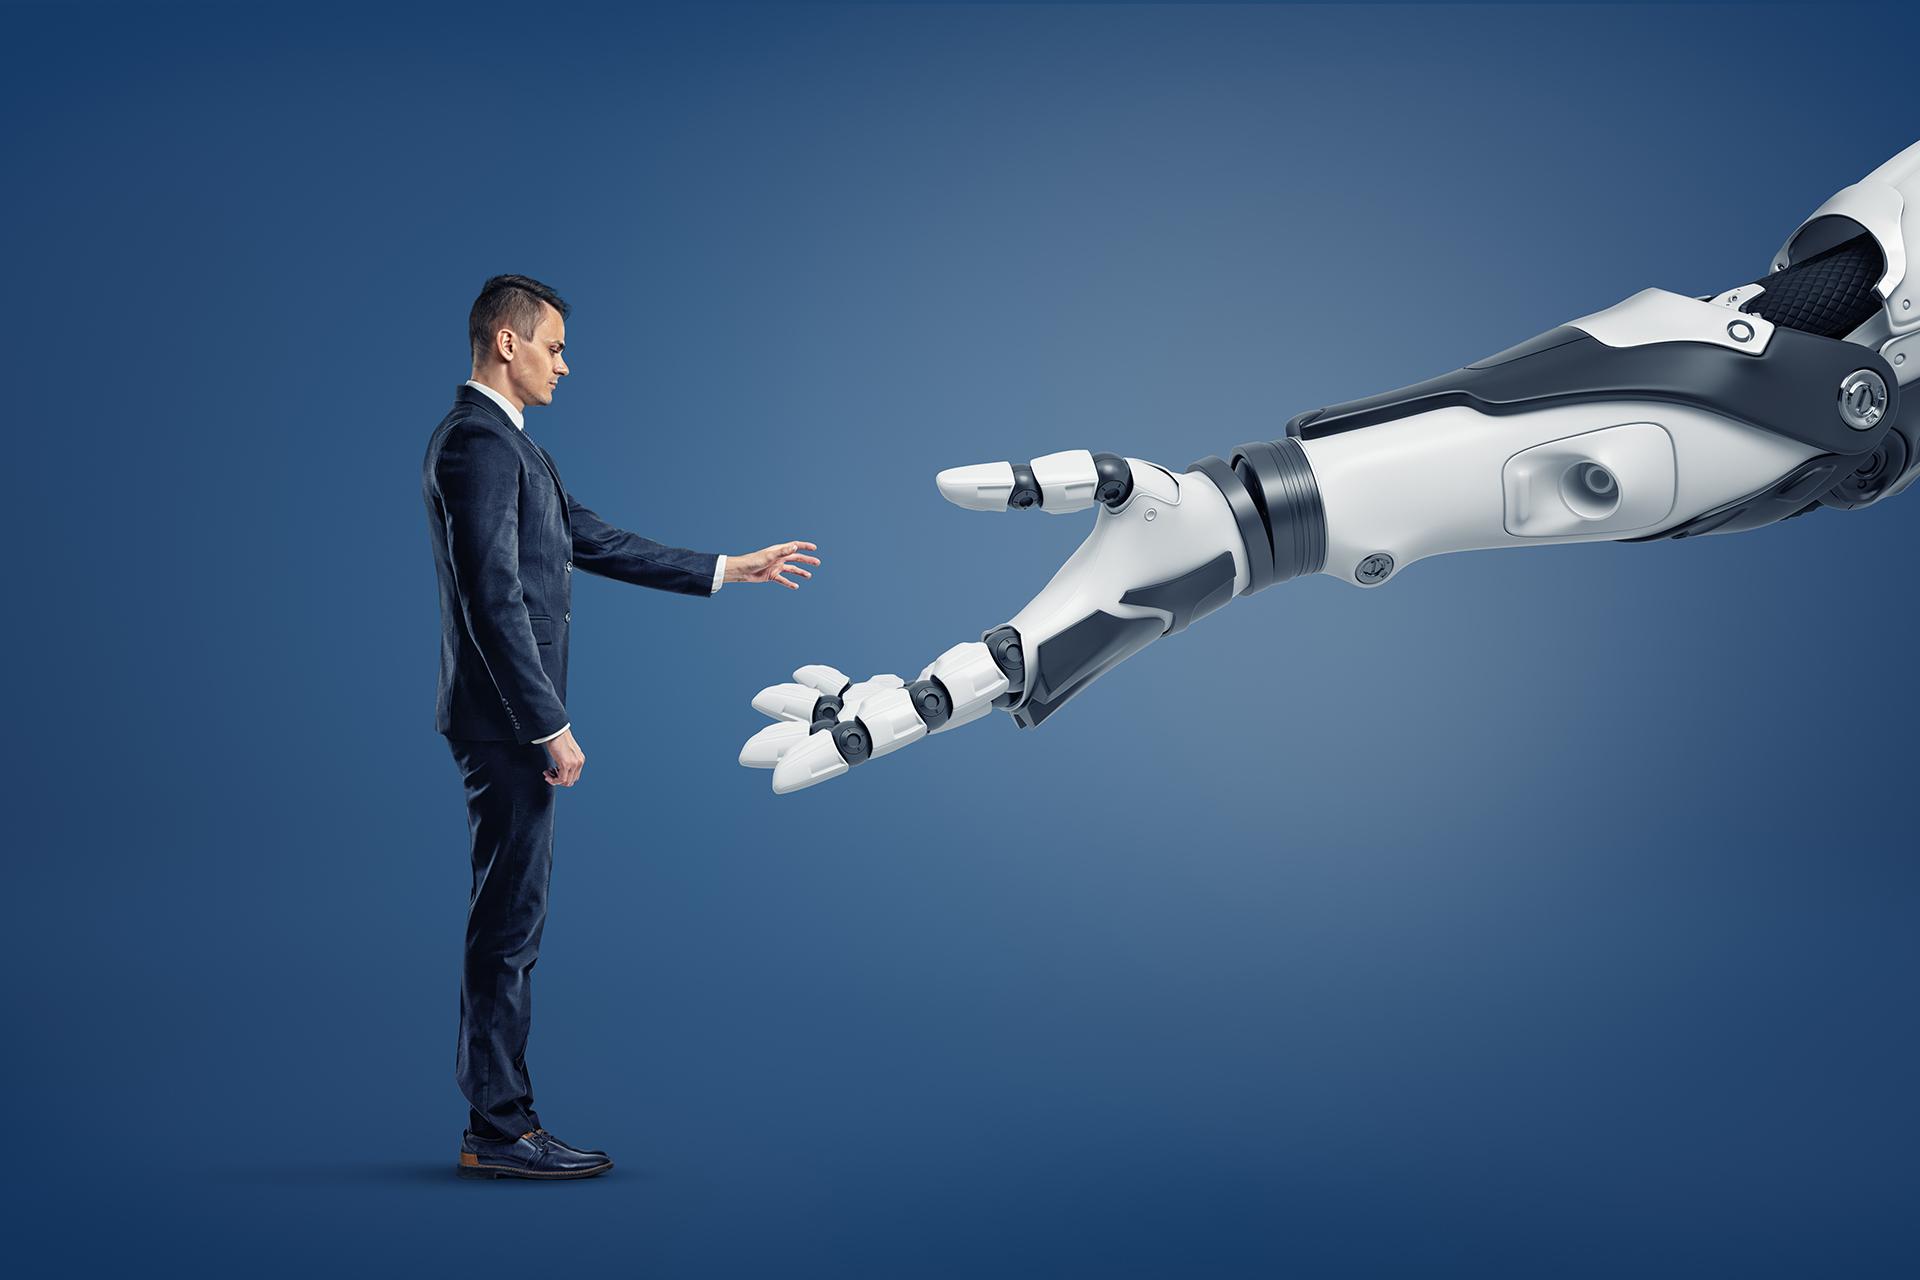 Ügyvédek vs. gépek: jogászok újratöltve